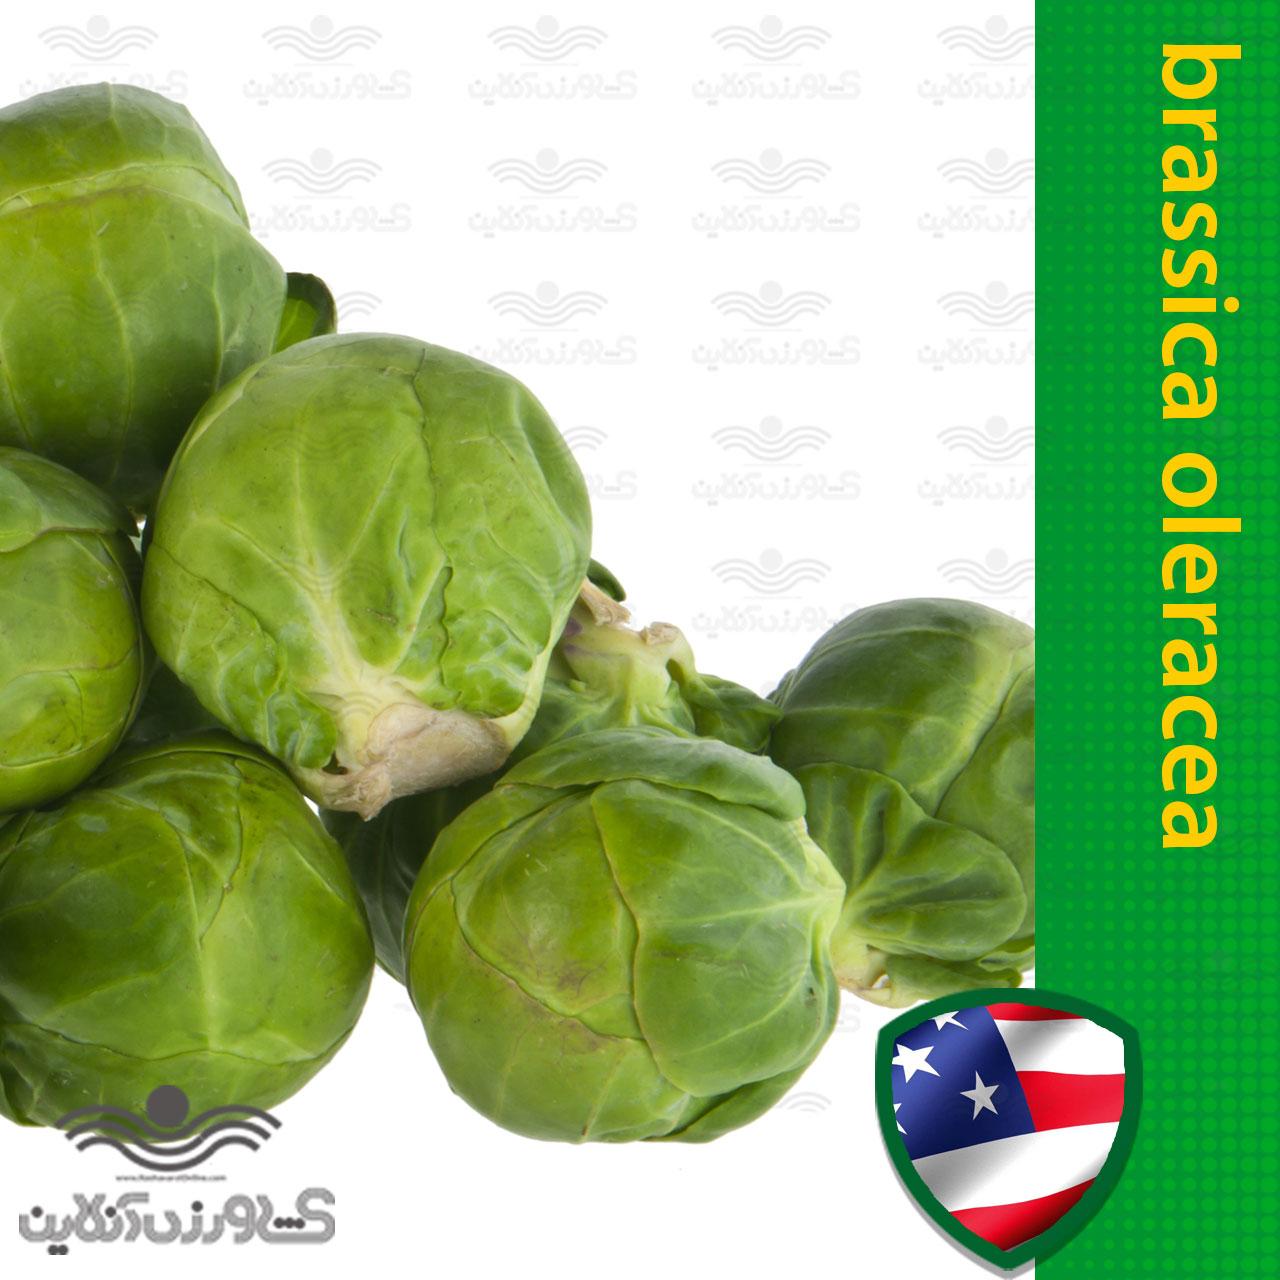 بذر کلم بروکسل آمریکایی